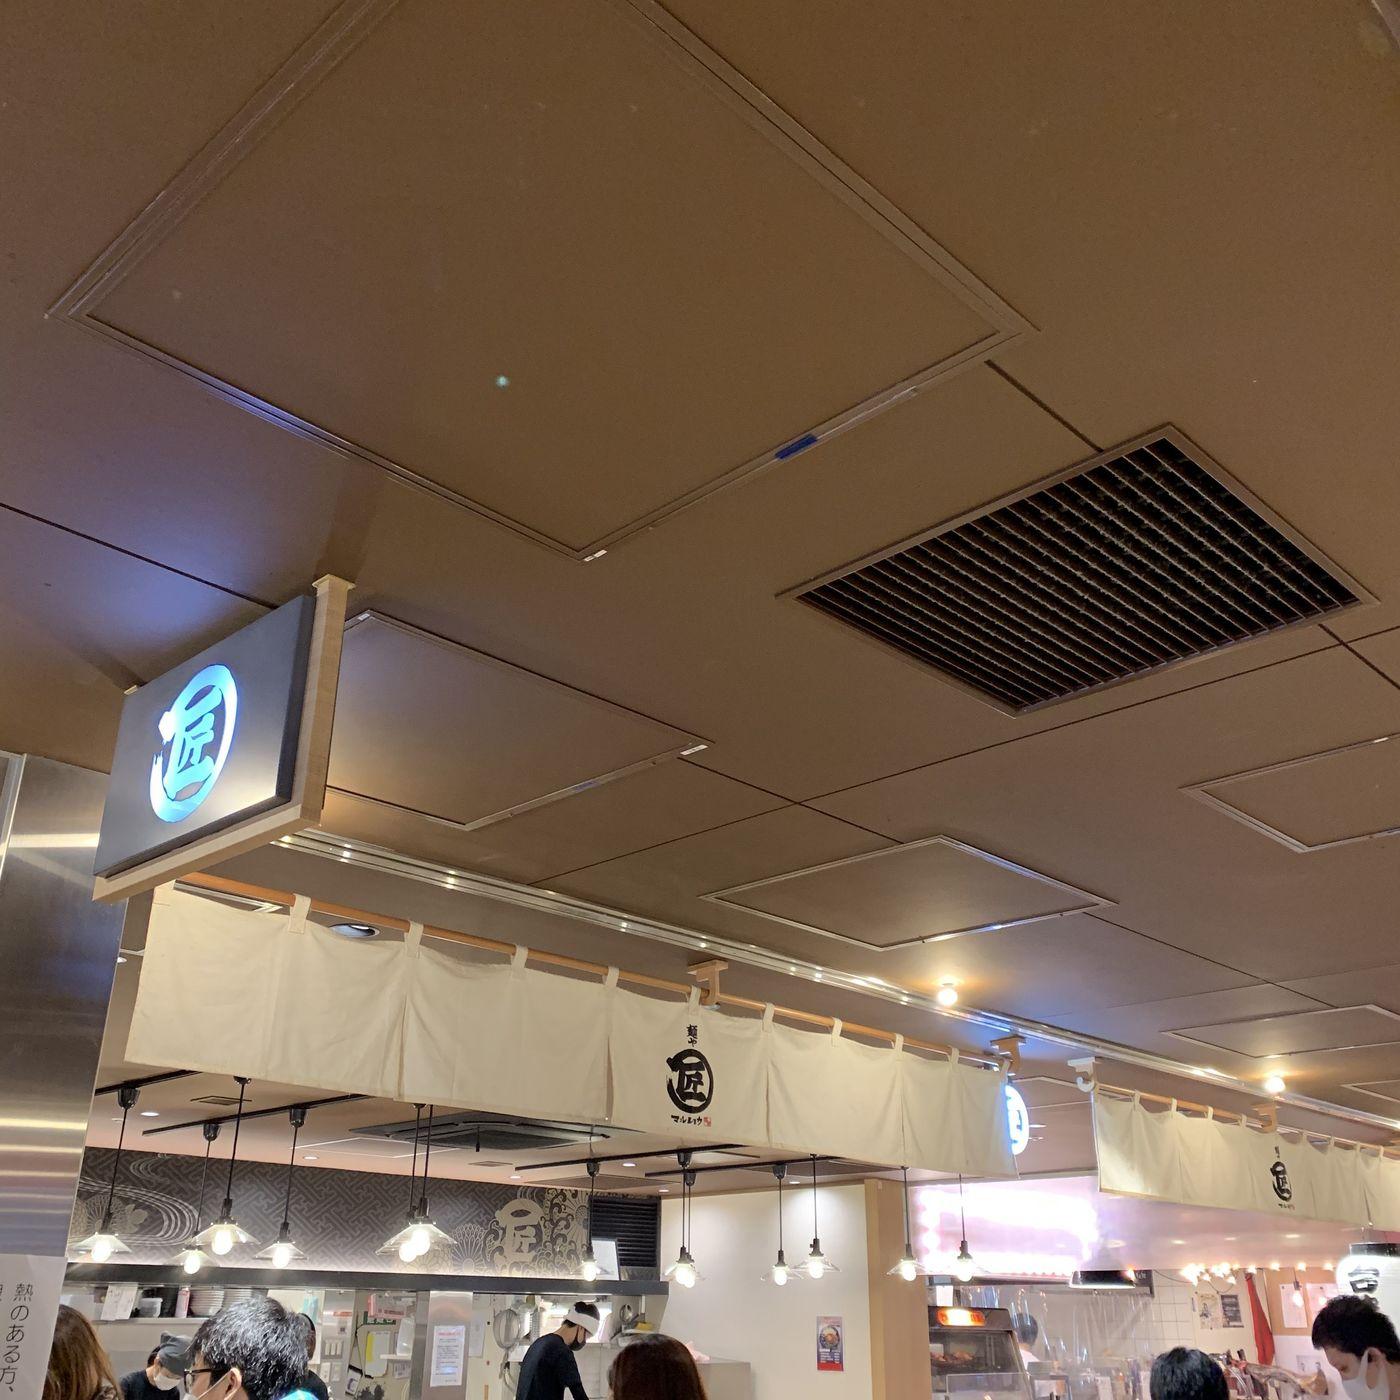 【新大阪】美味しいラーメン店5選!筆者の厳選スポットをご紹介の画像